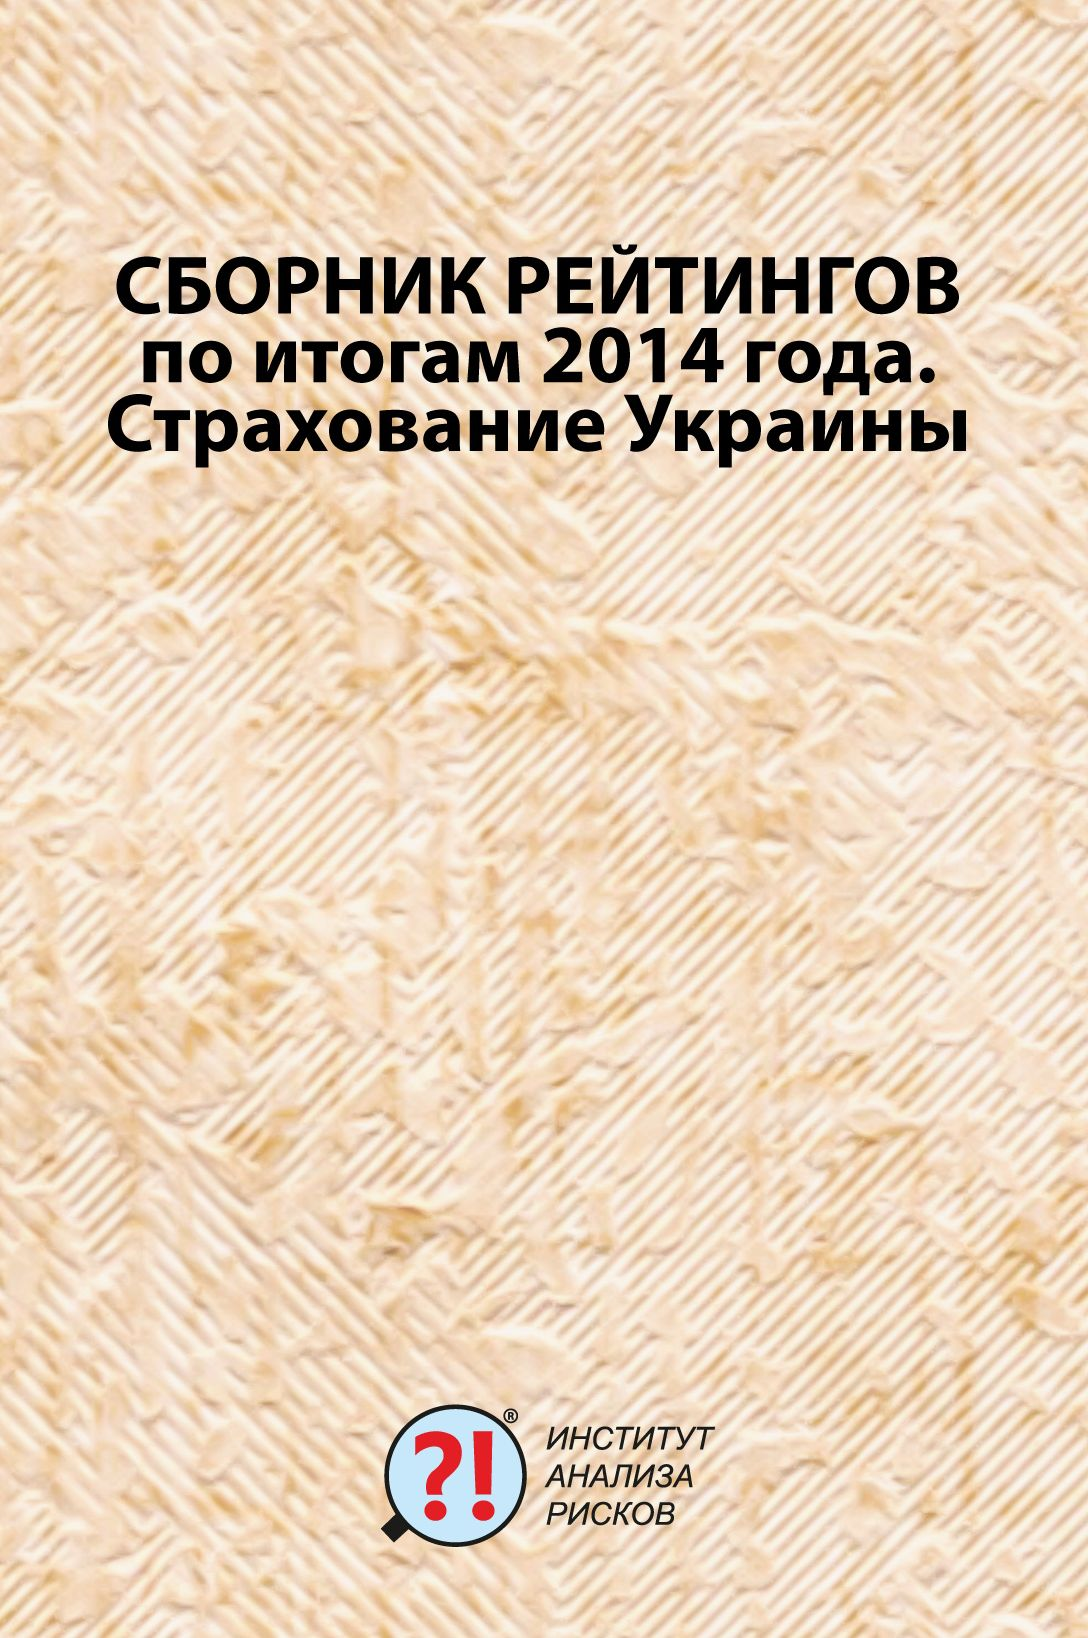 Сборник рейтингов 2014.